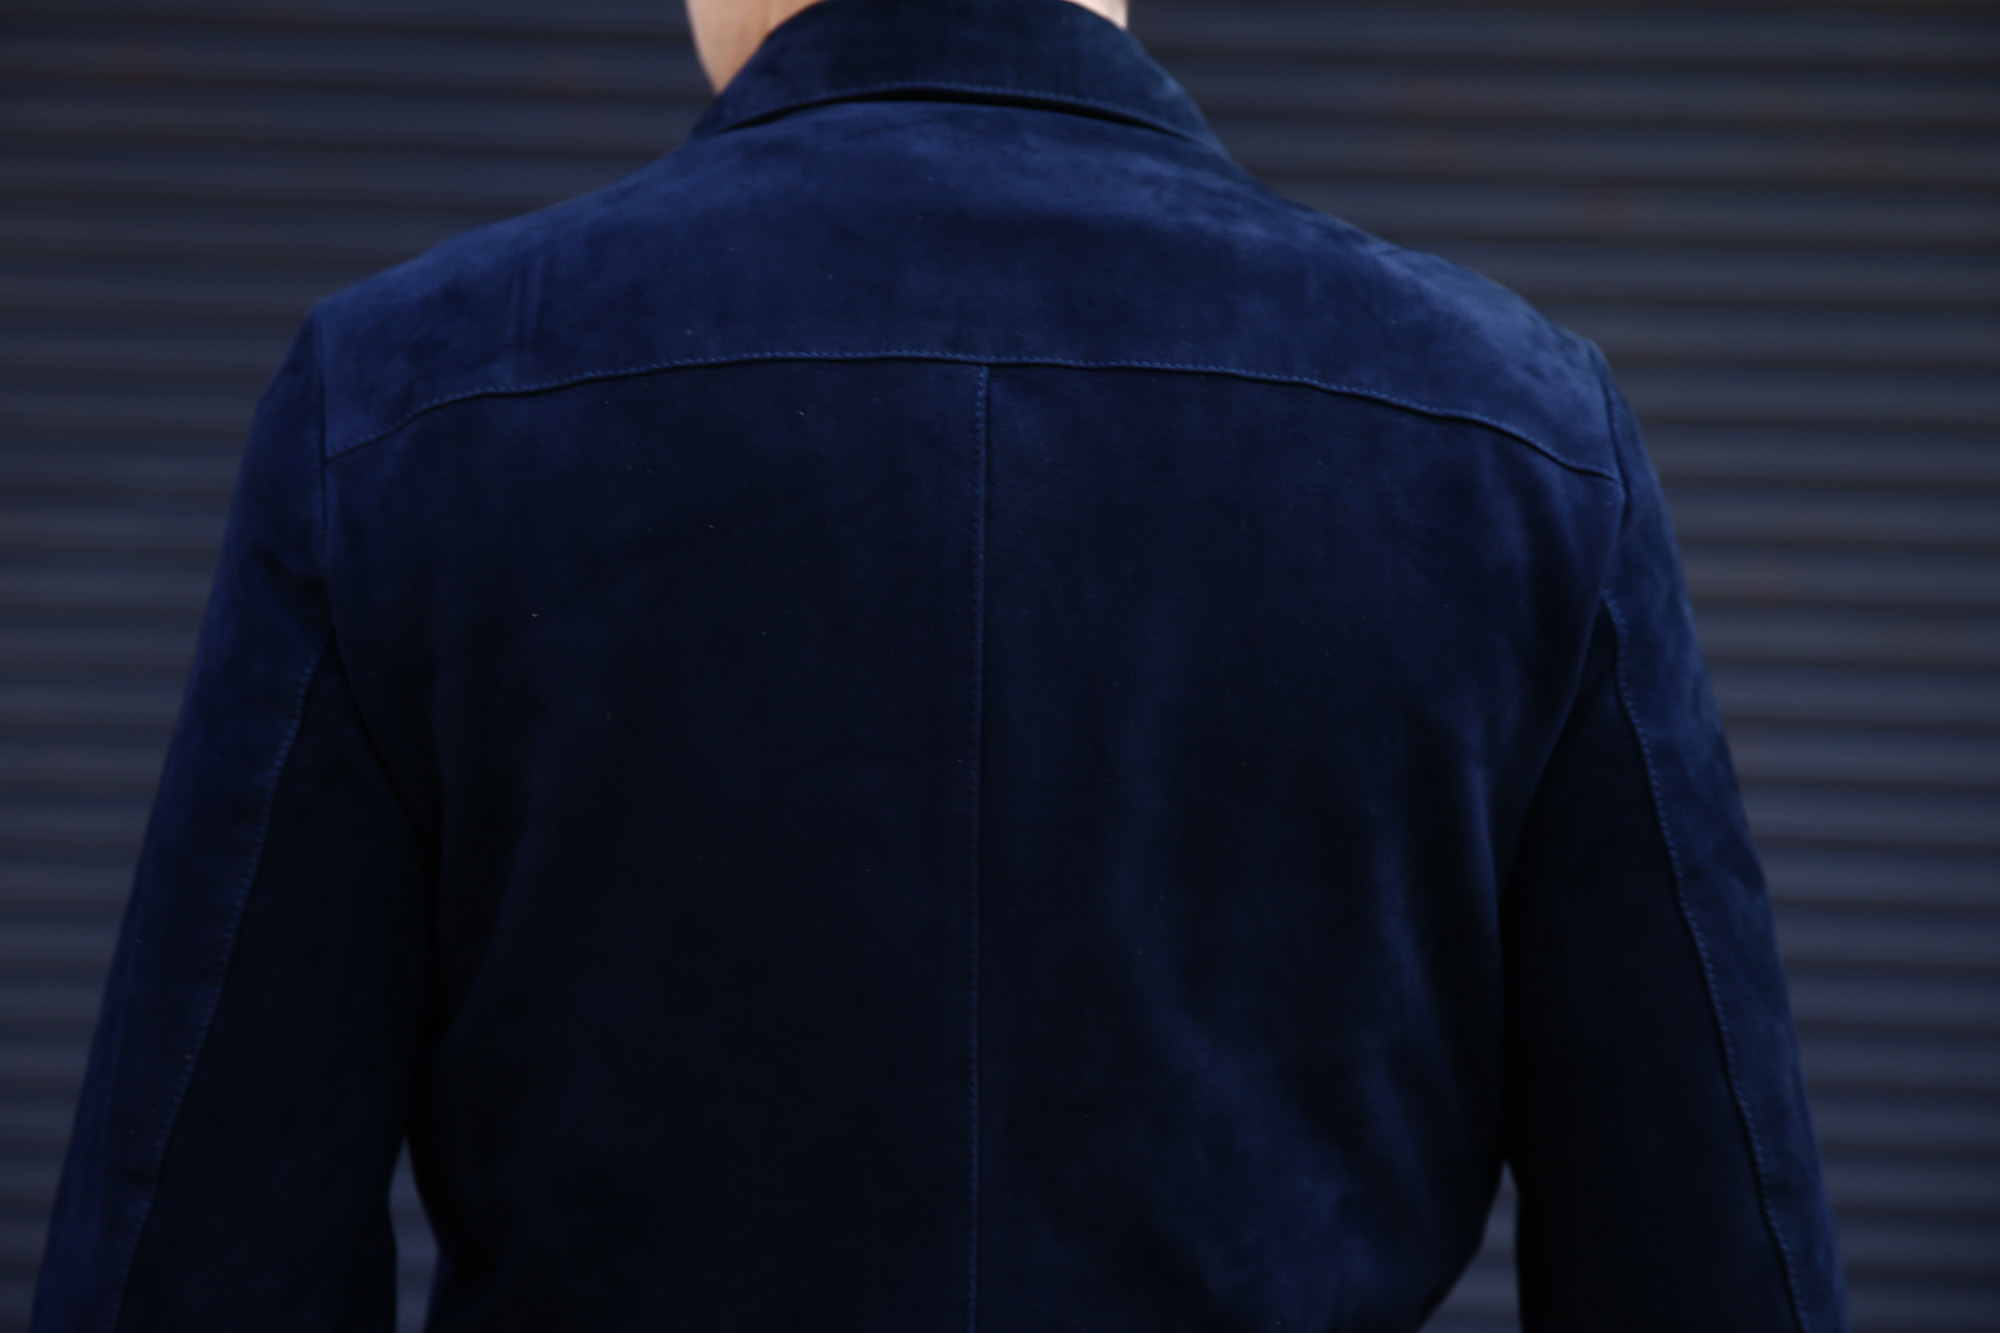 Radice (ラディーチェ) 1008 Suede Leather Jacket Suede Lamb Nappa スエードラムナッパ SLIM FIT スリムフィット シングルレザージャケット NAVY (ネイビー) MADE IN ITALY(イタリア製)  2016 秋冬新作 愛知 名古屋ZODIAC ゾディアック レザージャケット ラディーチェ スエードレザー 青山系